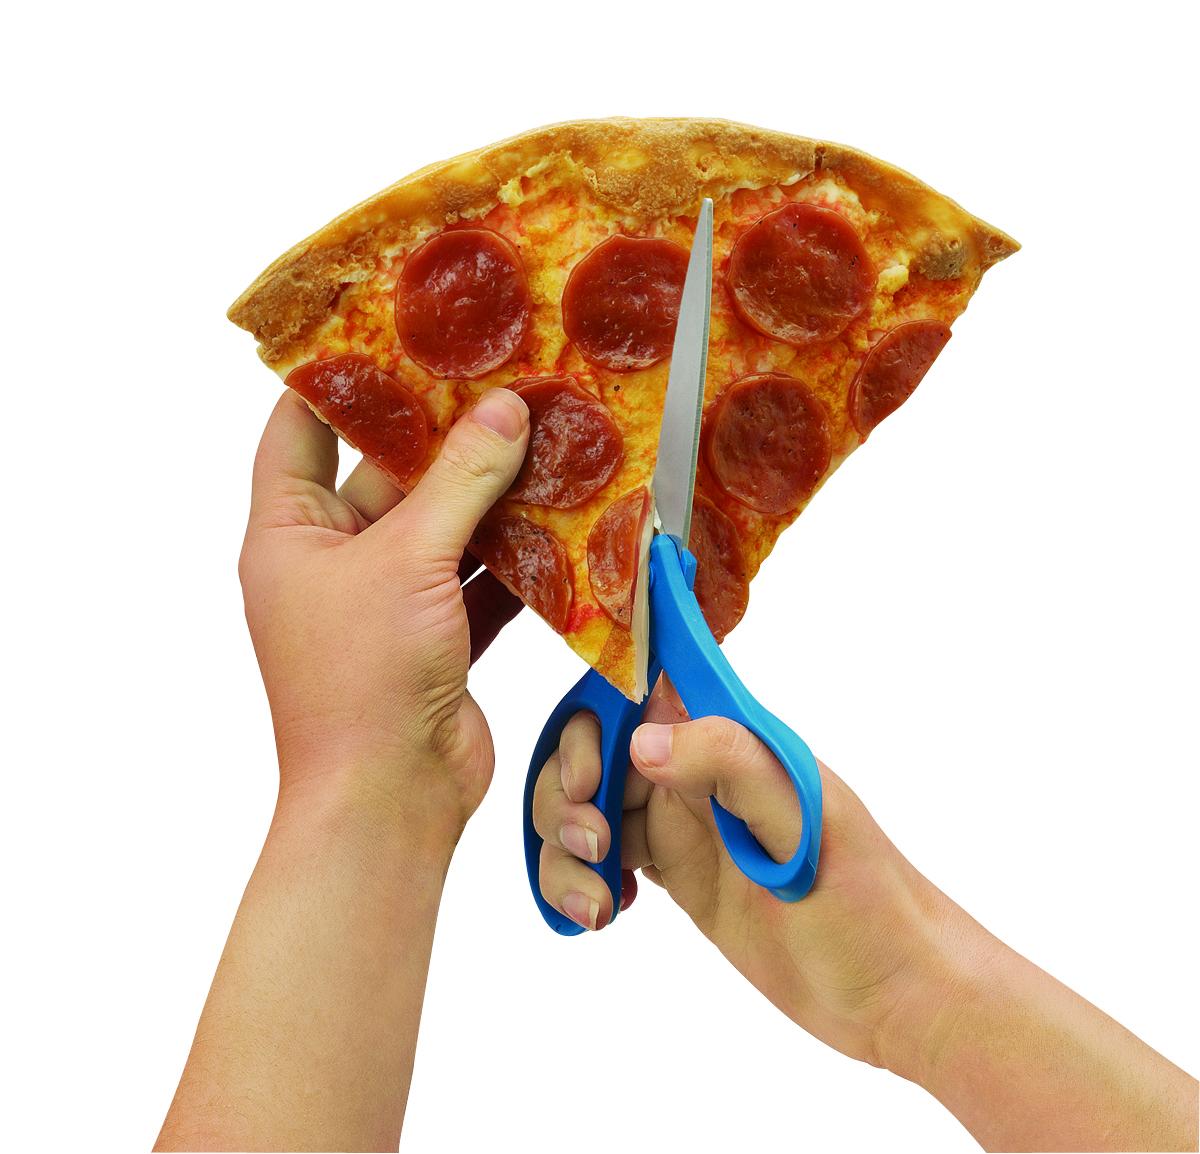 Réplica de pizza cortando por la mitad Nasco